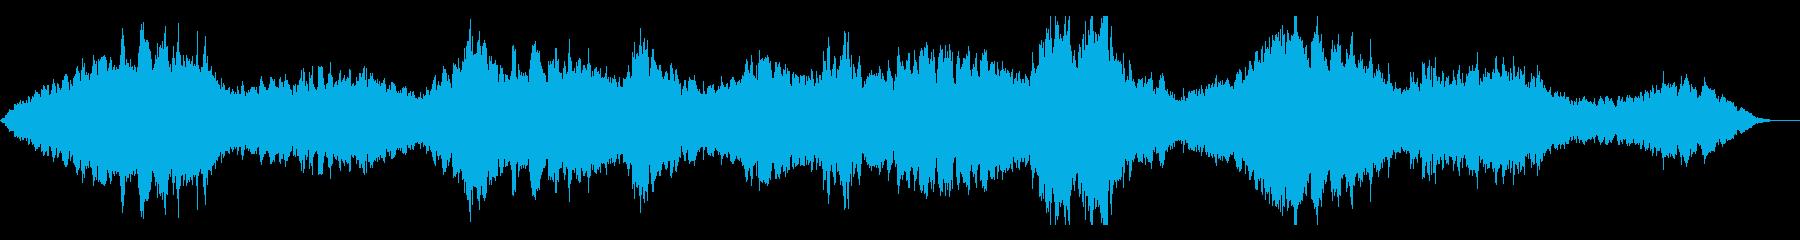 和楽器が鳴り響く神秘的なアンビエントの再生済みの波形